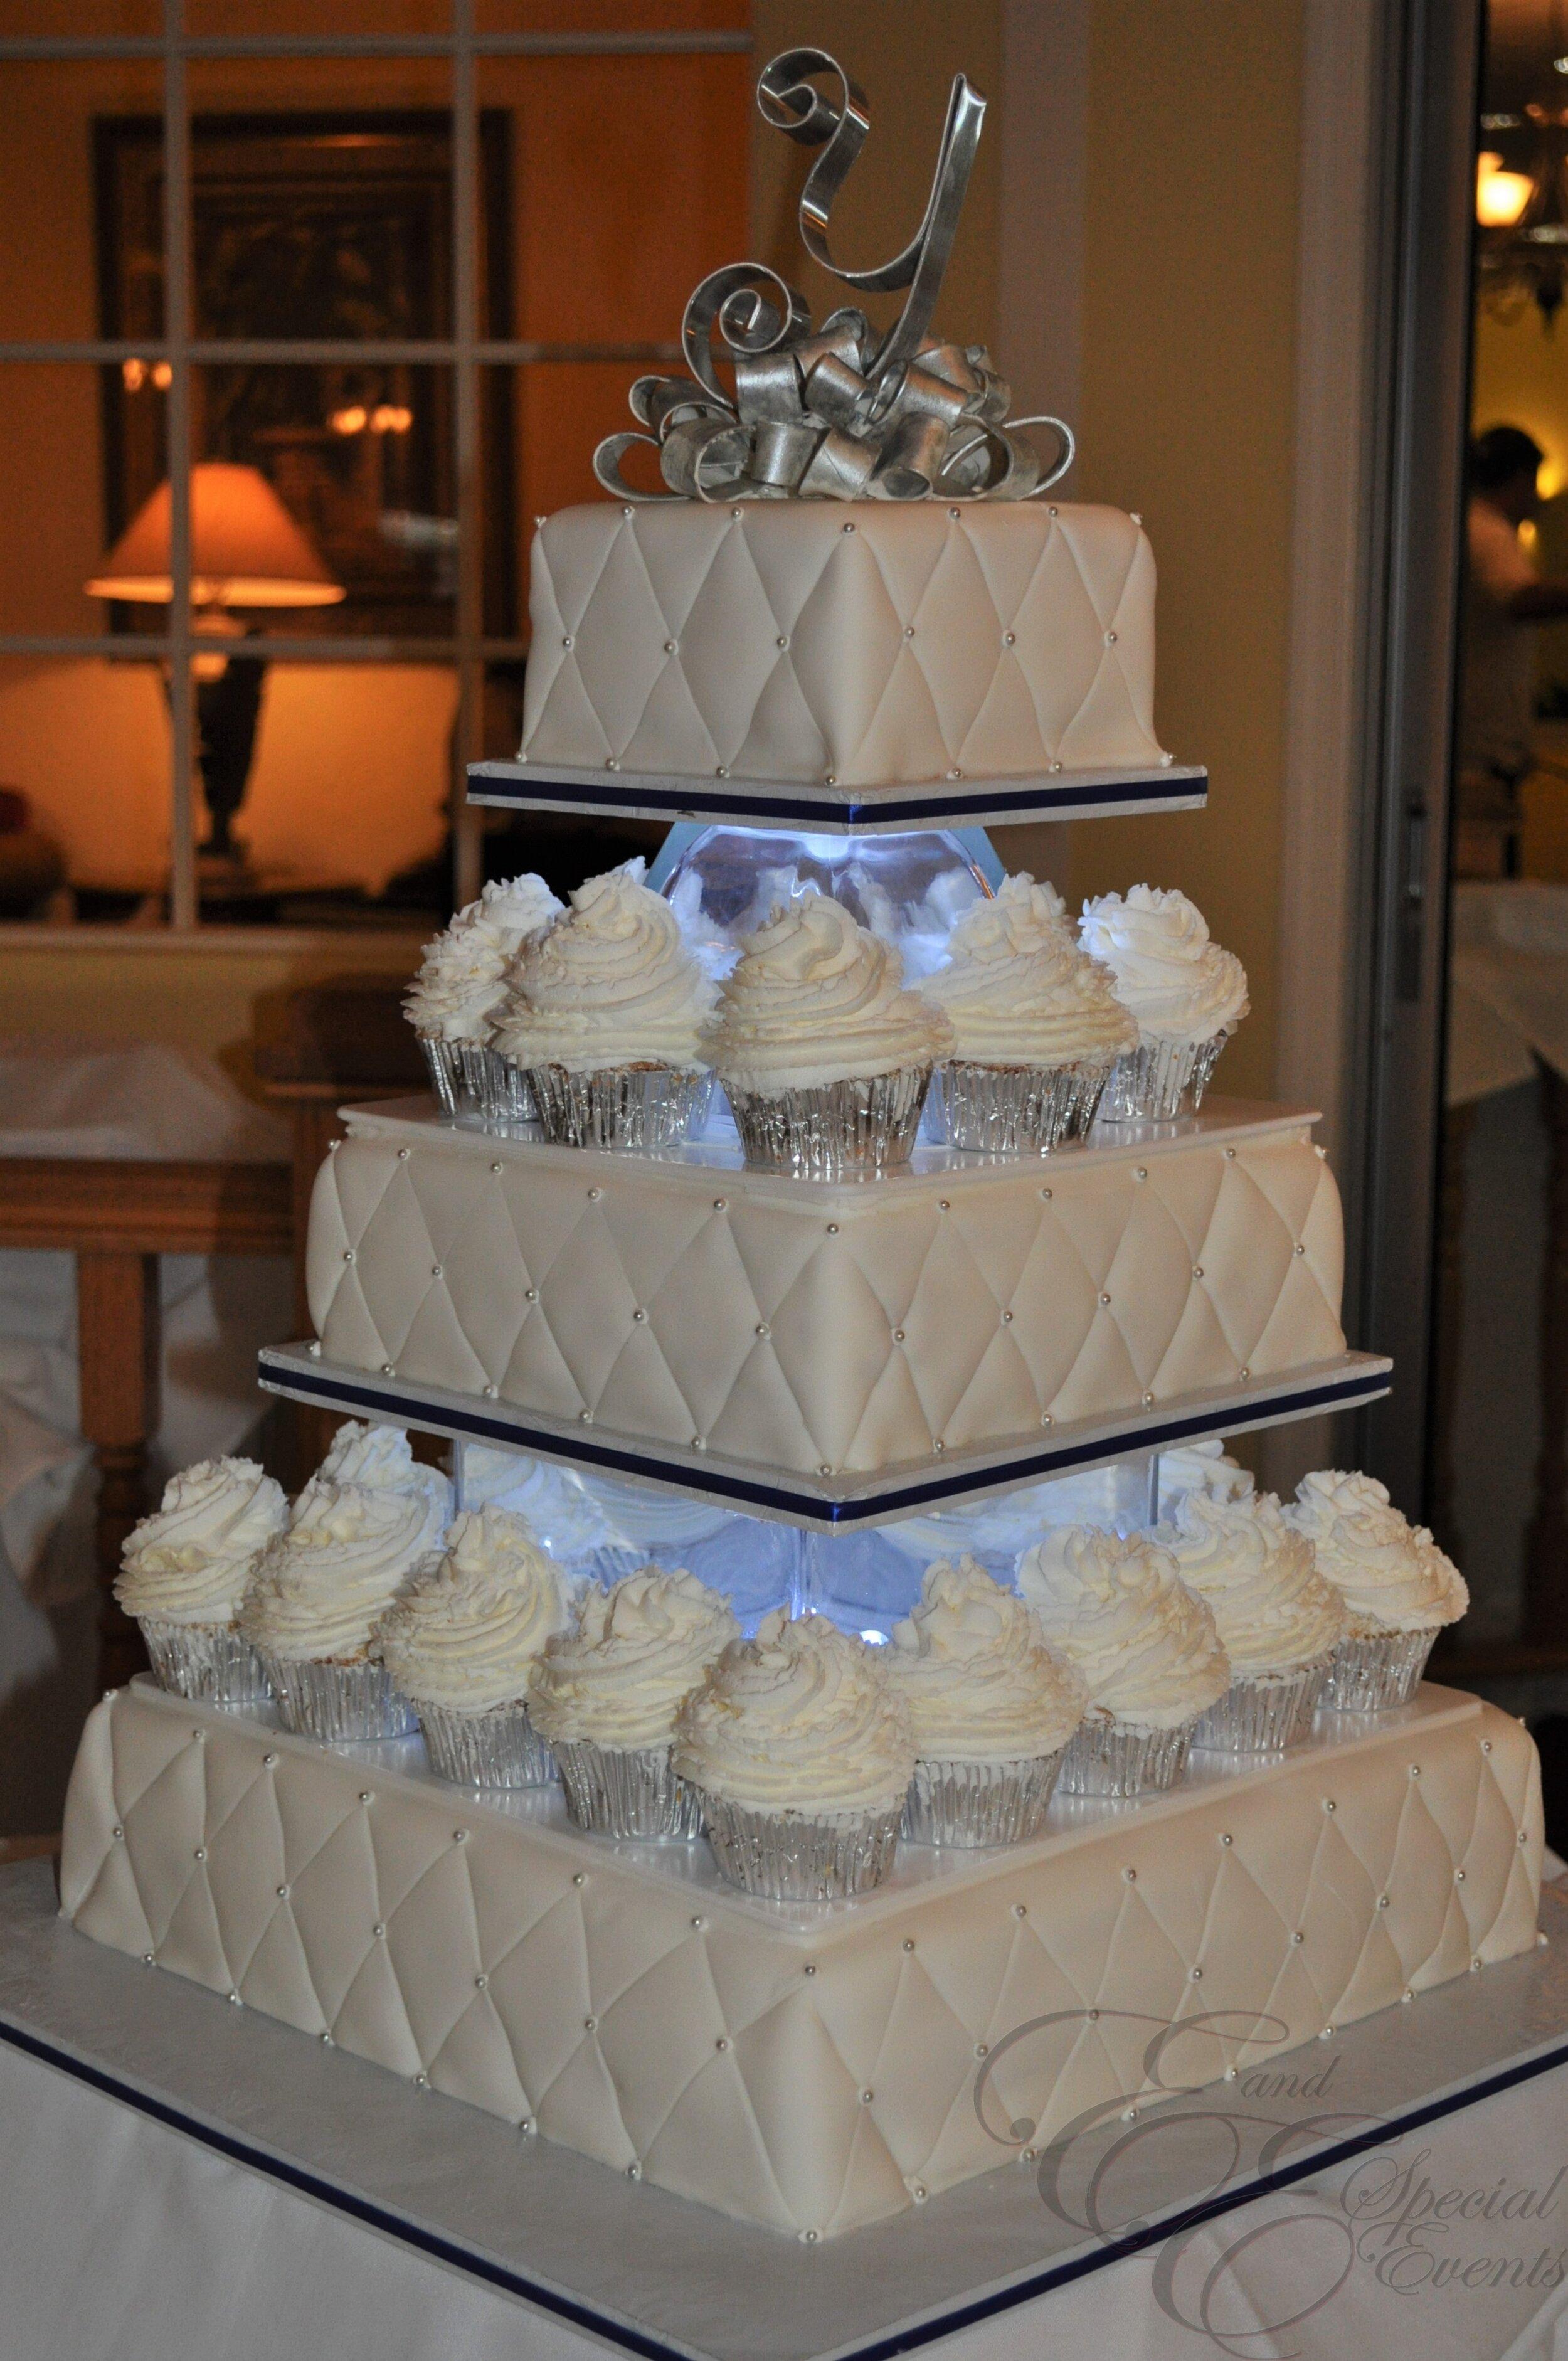 E_E_Special_Events_Unique_Wedding_Cakes_Virginia_Beach_Hampton_Roads66.jpg